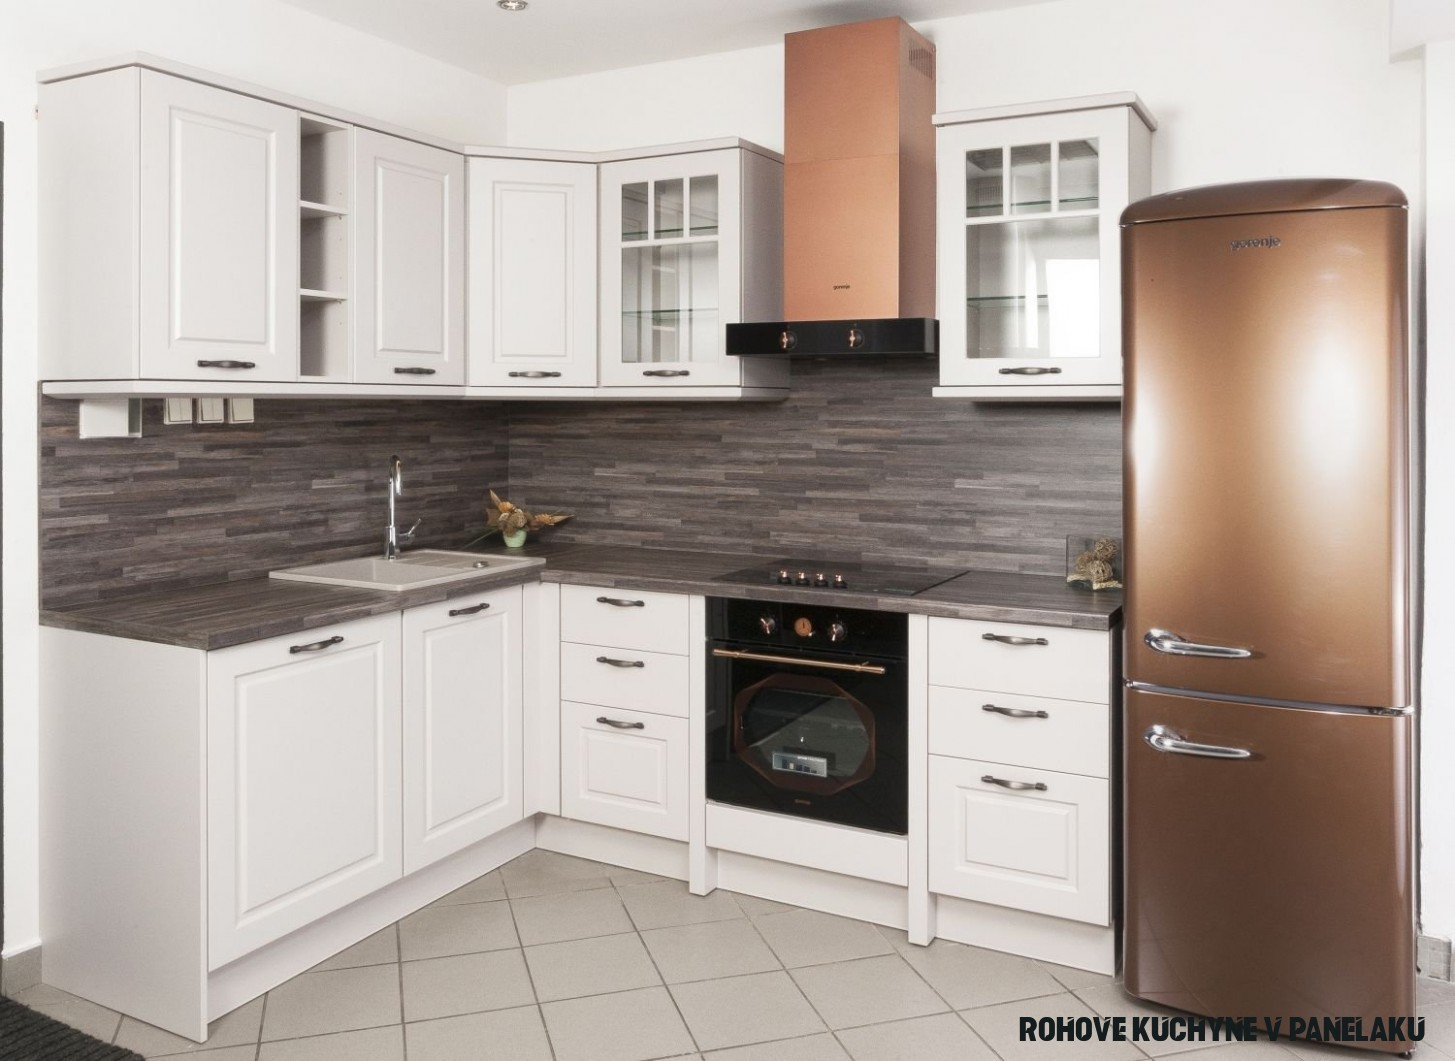 Malé kuchyně (panelákové) - fotogalerie pro vaši inspiraci  Gorenje